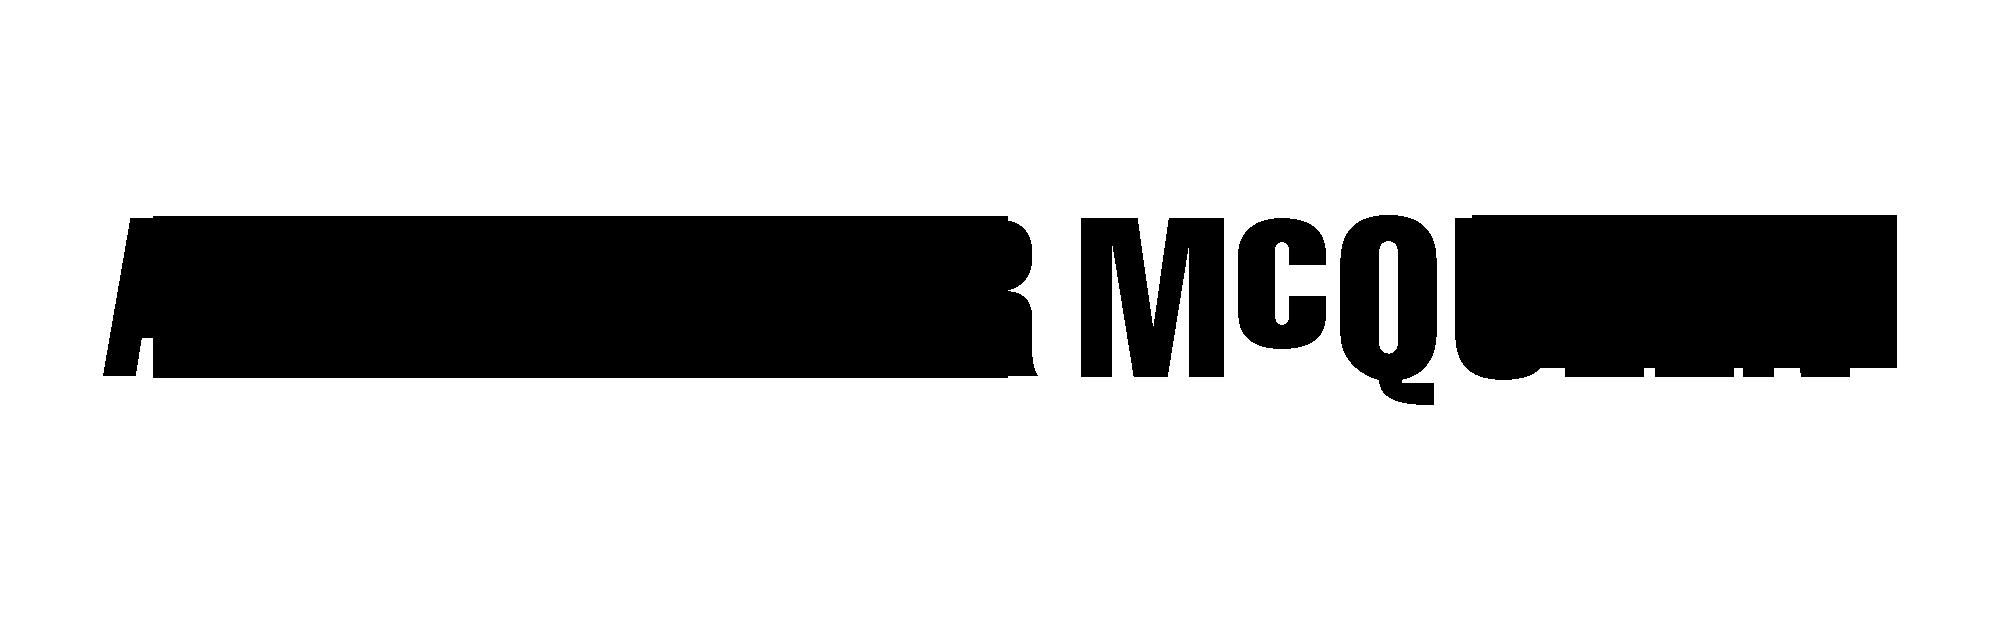 マックキュー バイ アレキサンダー マックイーン(McQ by Alexander McQueen)